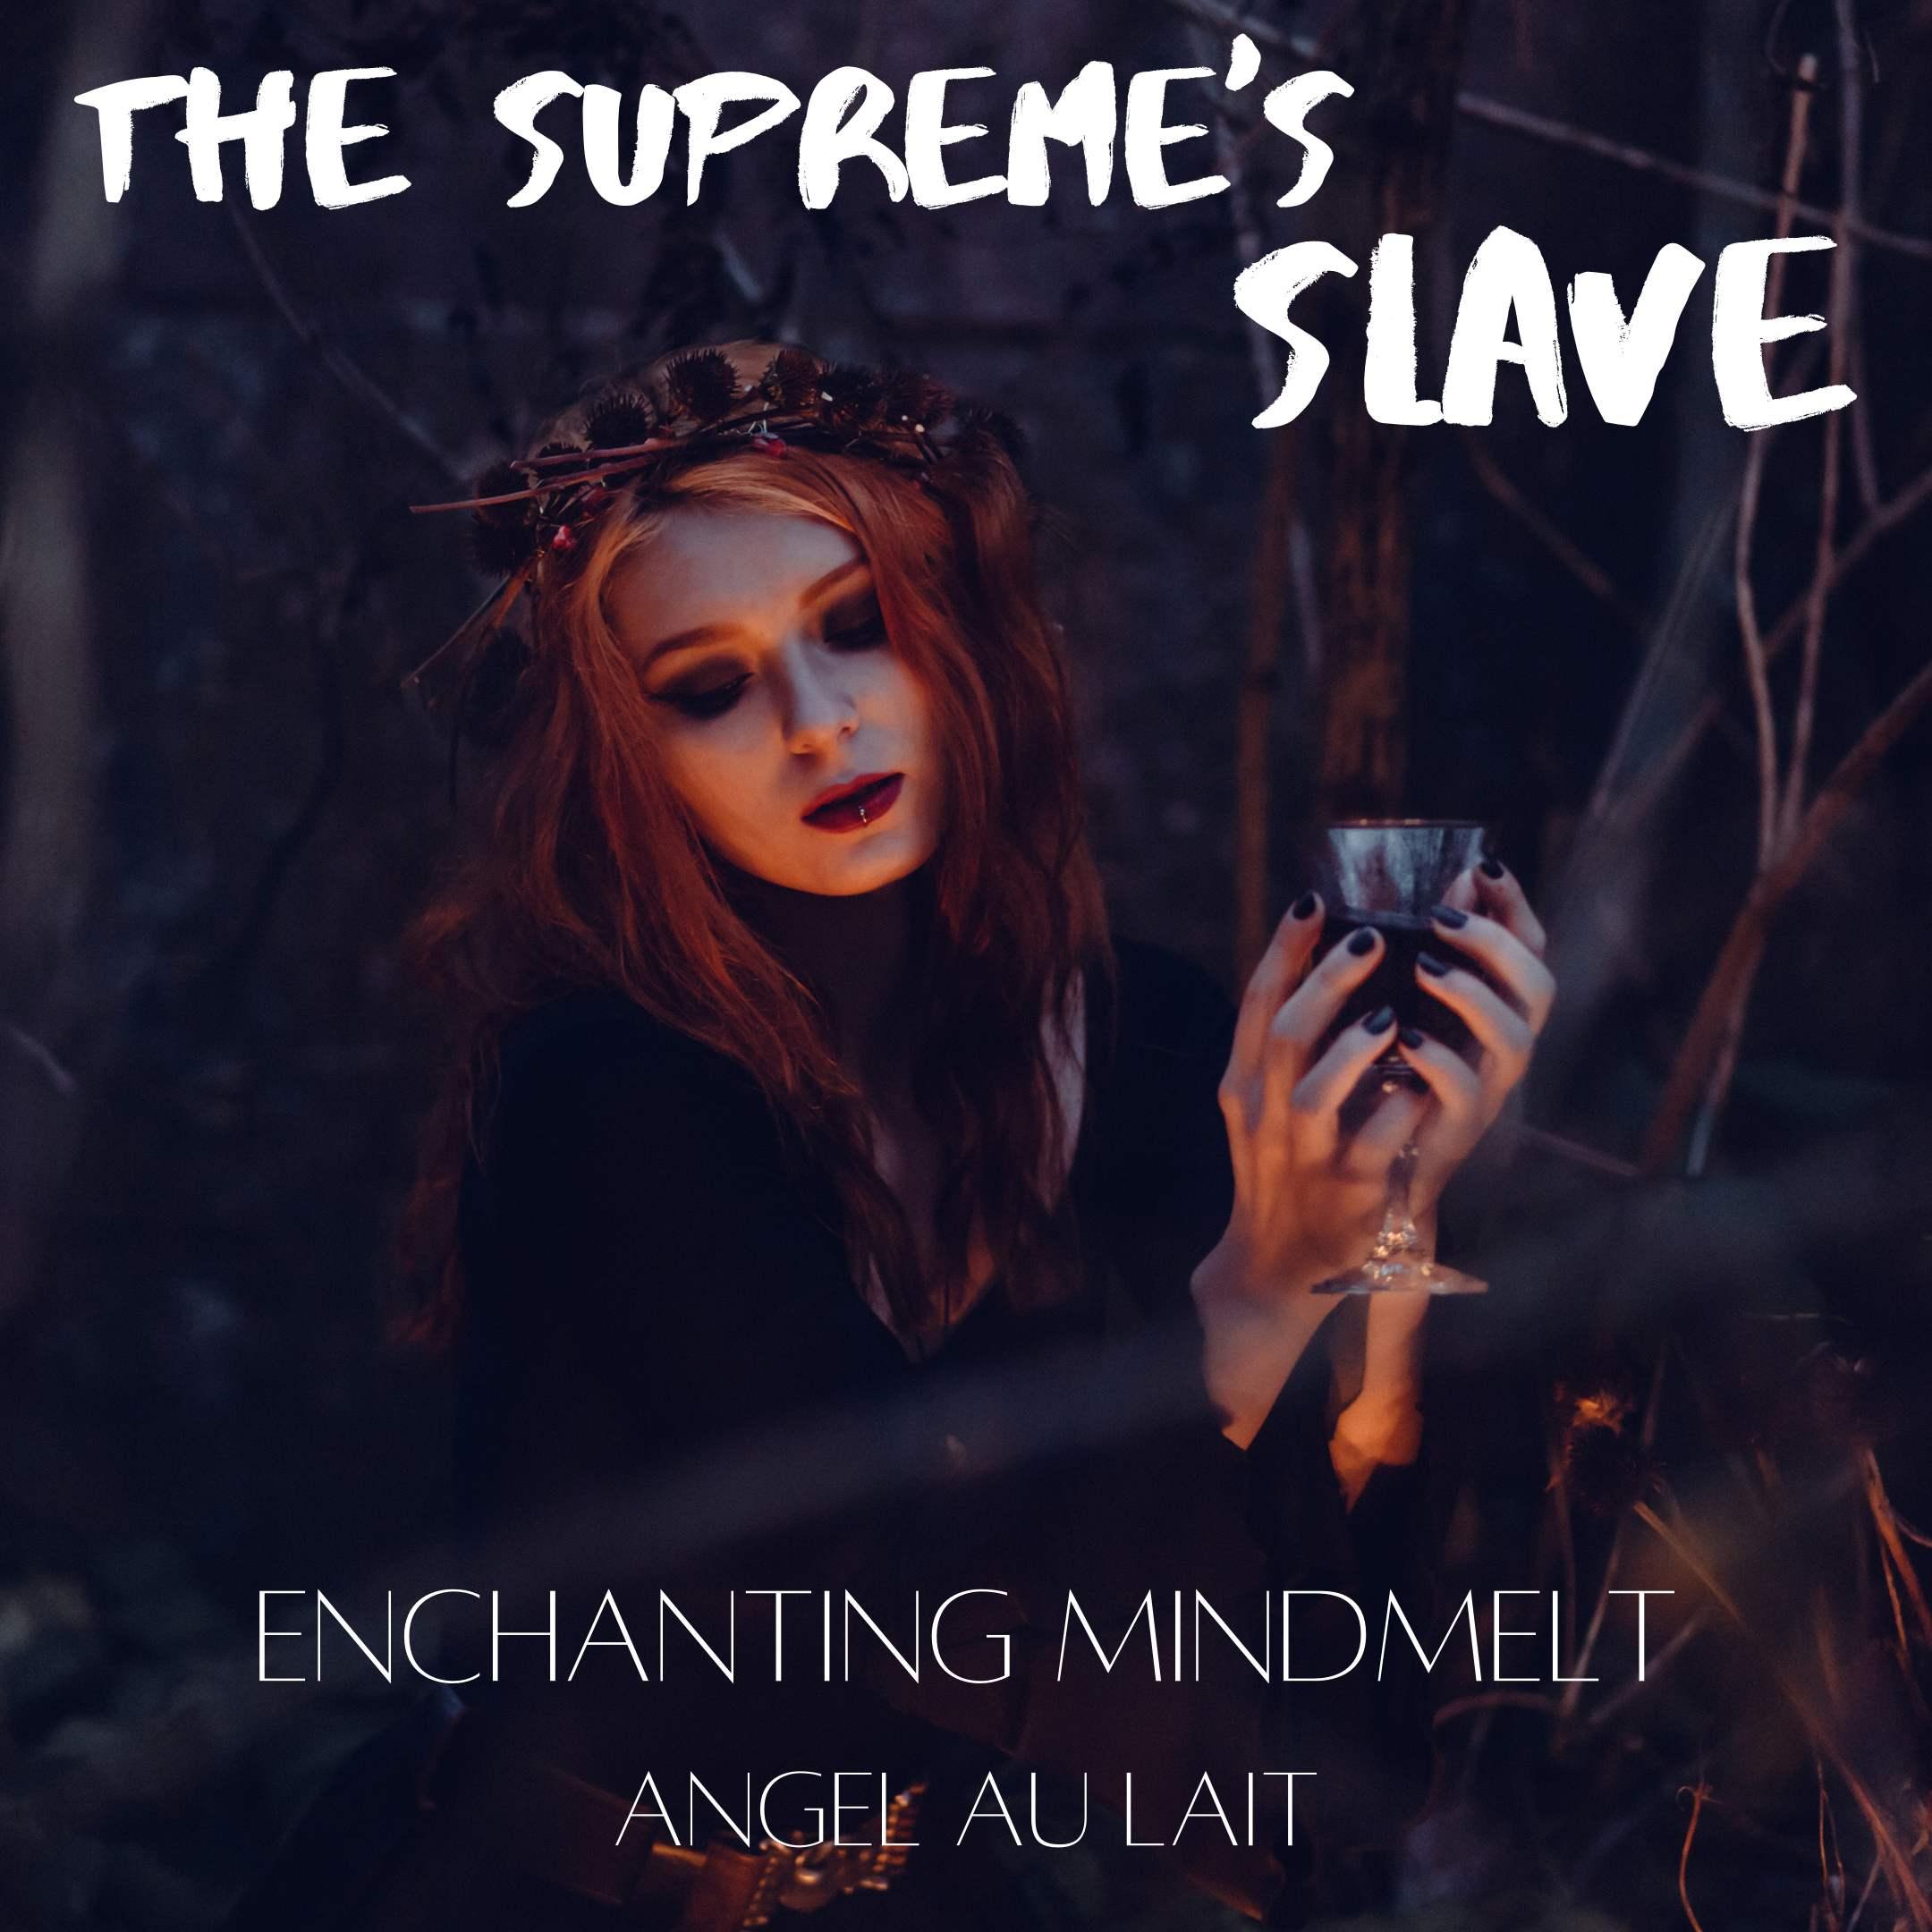 The Supreme's Slave - WITCH SEX MAGIC